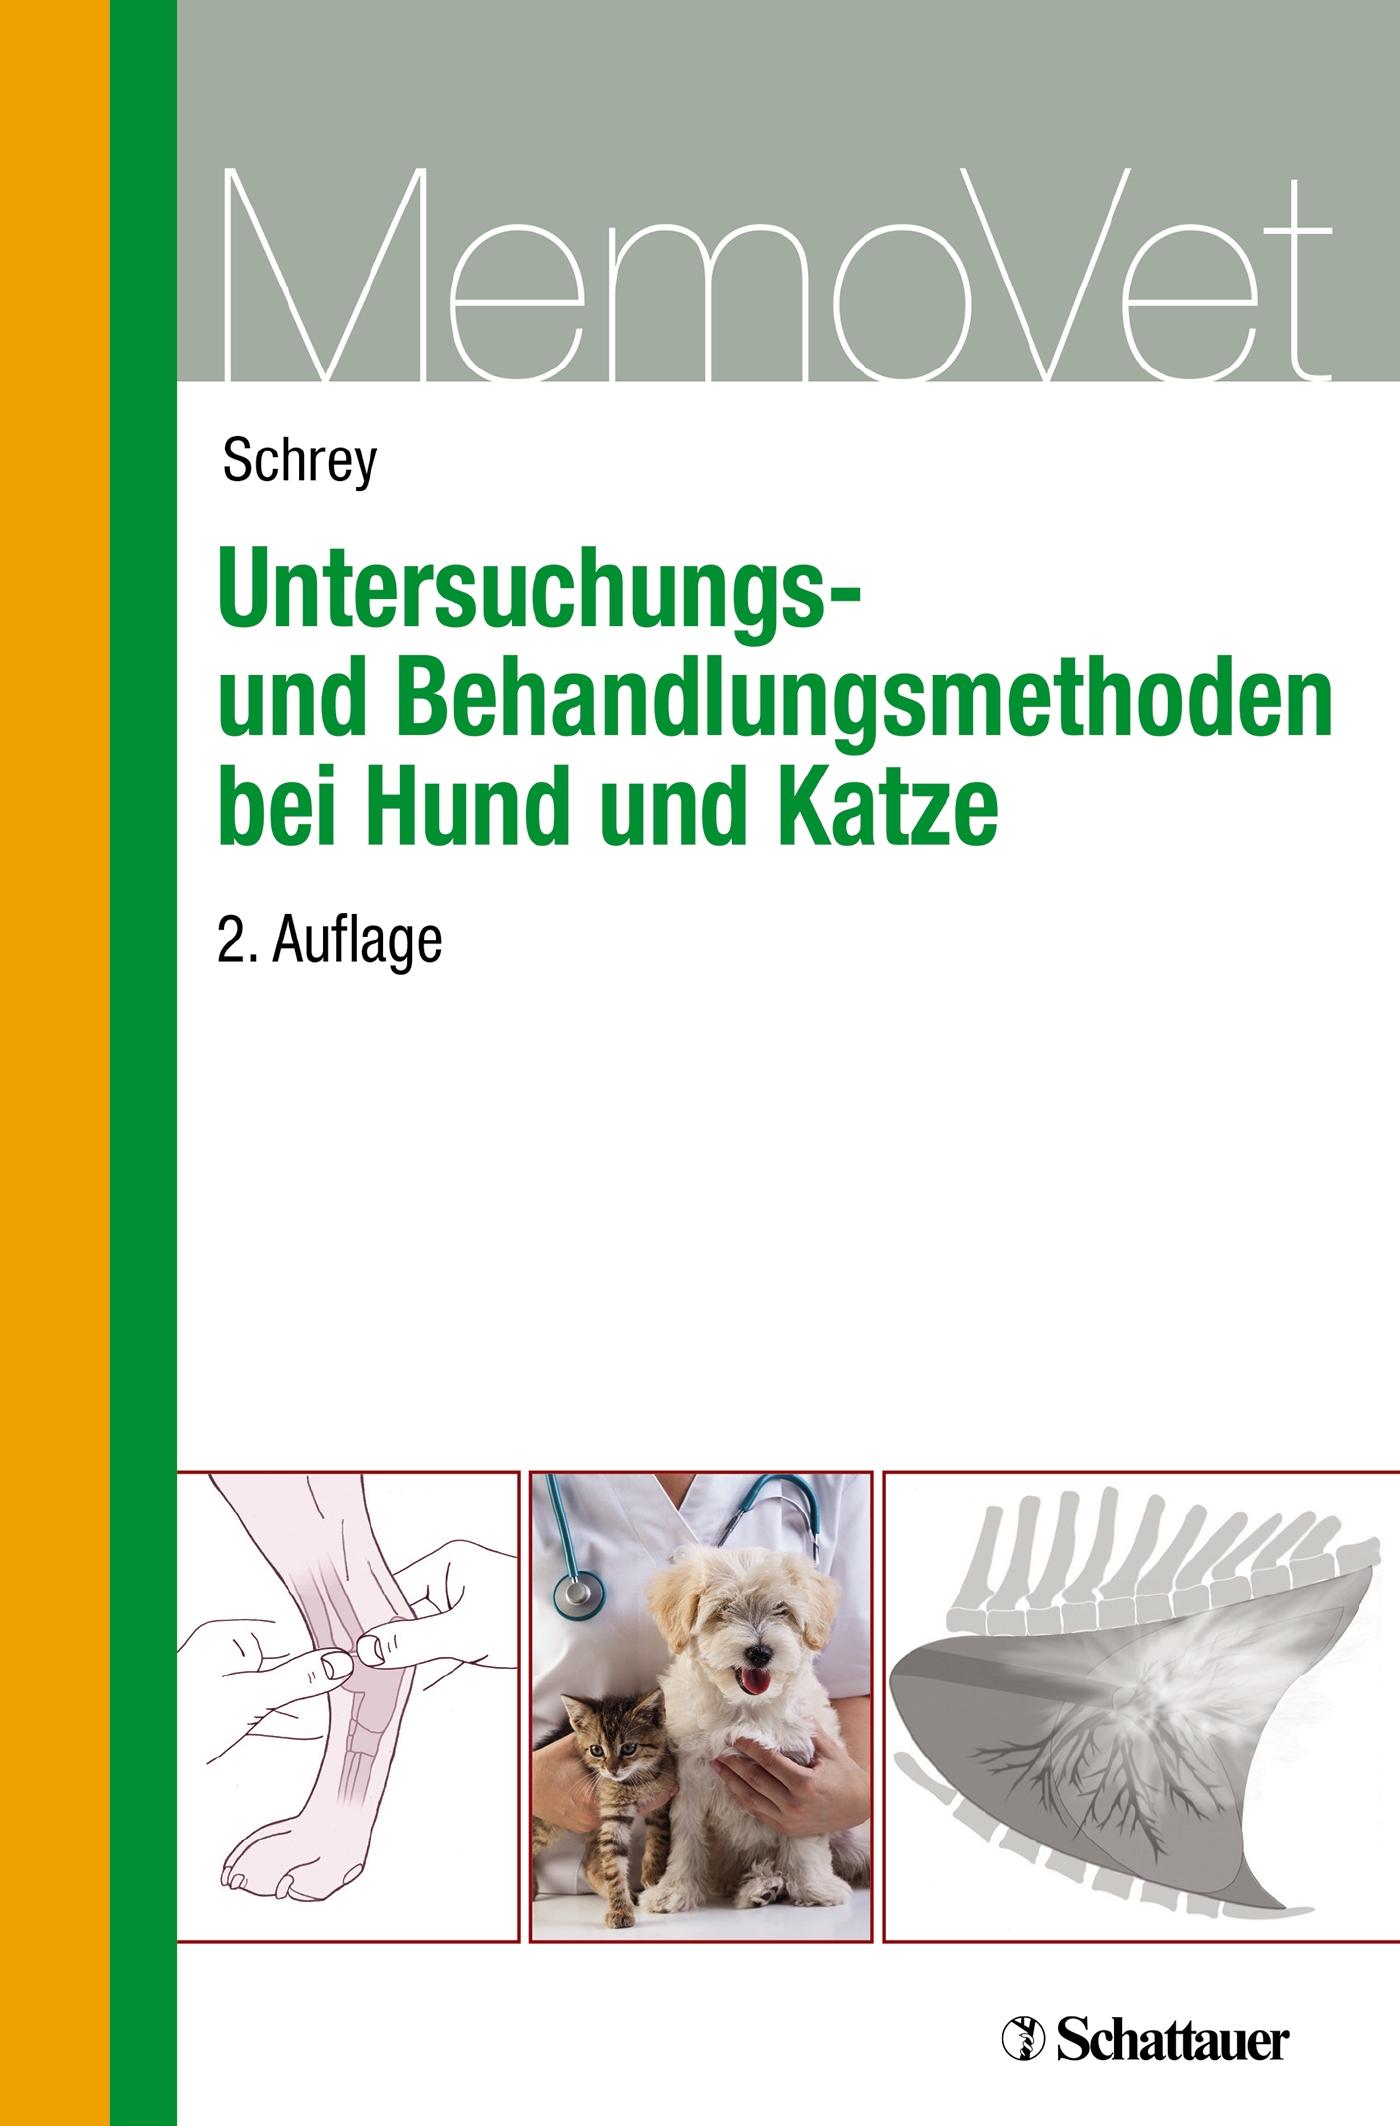 Untersuchungs- und Behandlungsmethoden bei Hund und Katze